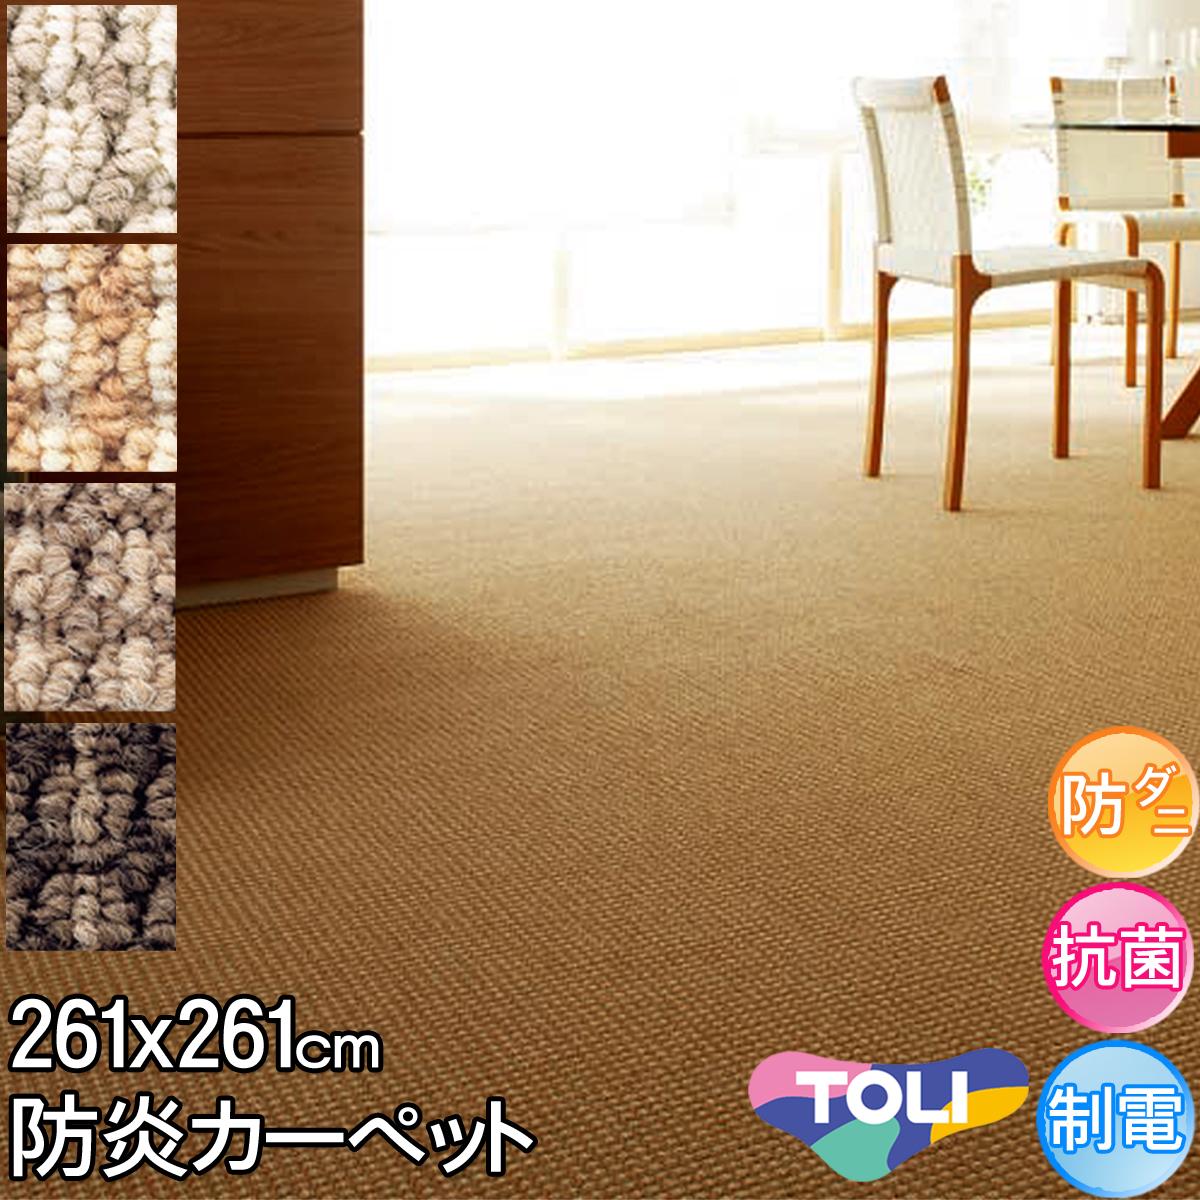 東リ カーペット 4.5畳 約261×261cm 江戸間 4.5帖 デザインカーペット 防ダニ 抗菌 防炎 シンプル アースカラー ライトブラウン ベージュ ブラウン ダークブラウン春夏秋冬用 カーペット ラグ 日本製 絨毯 セグエ